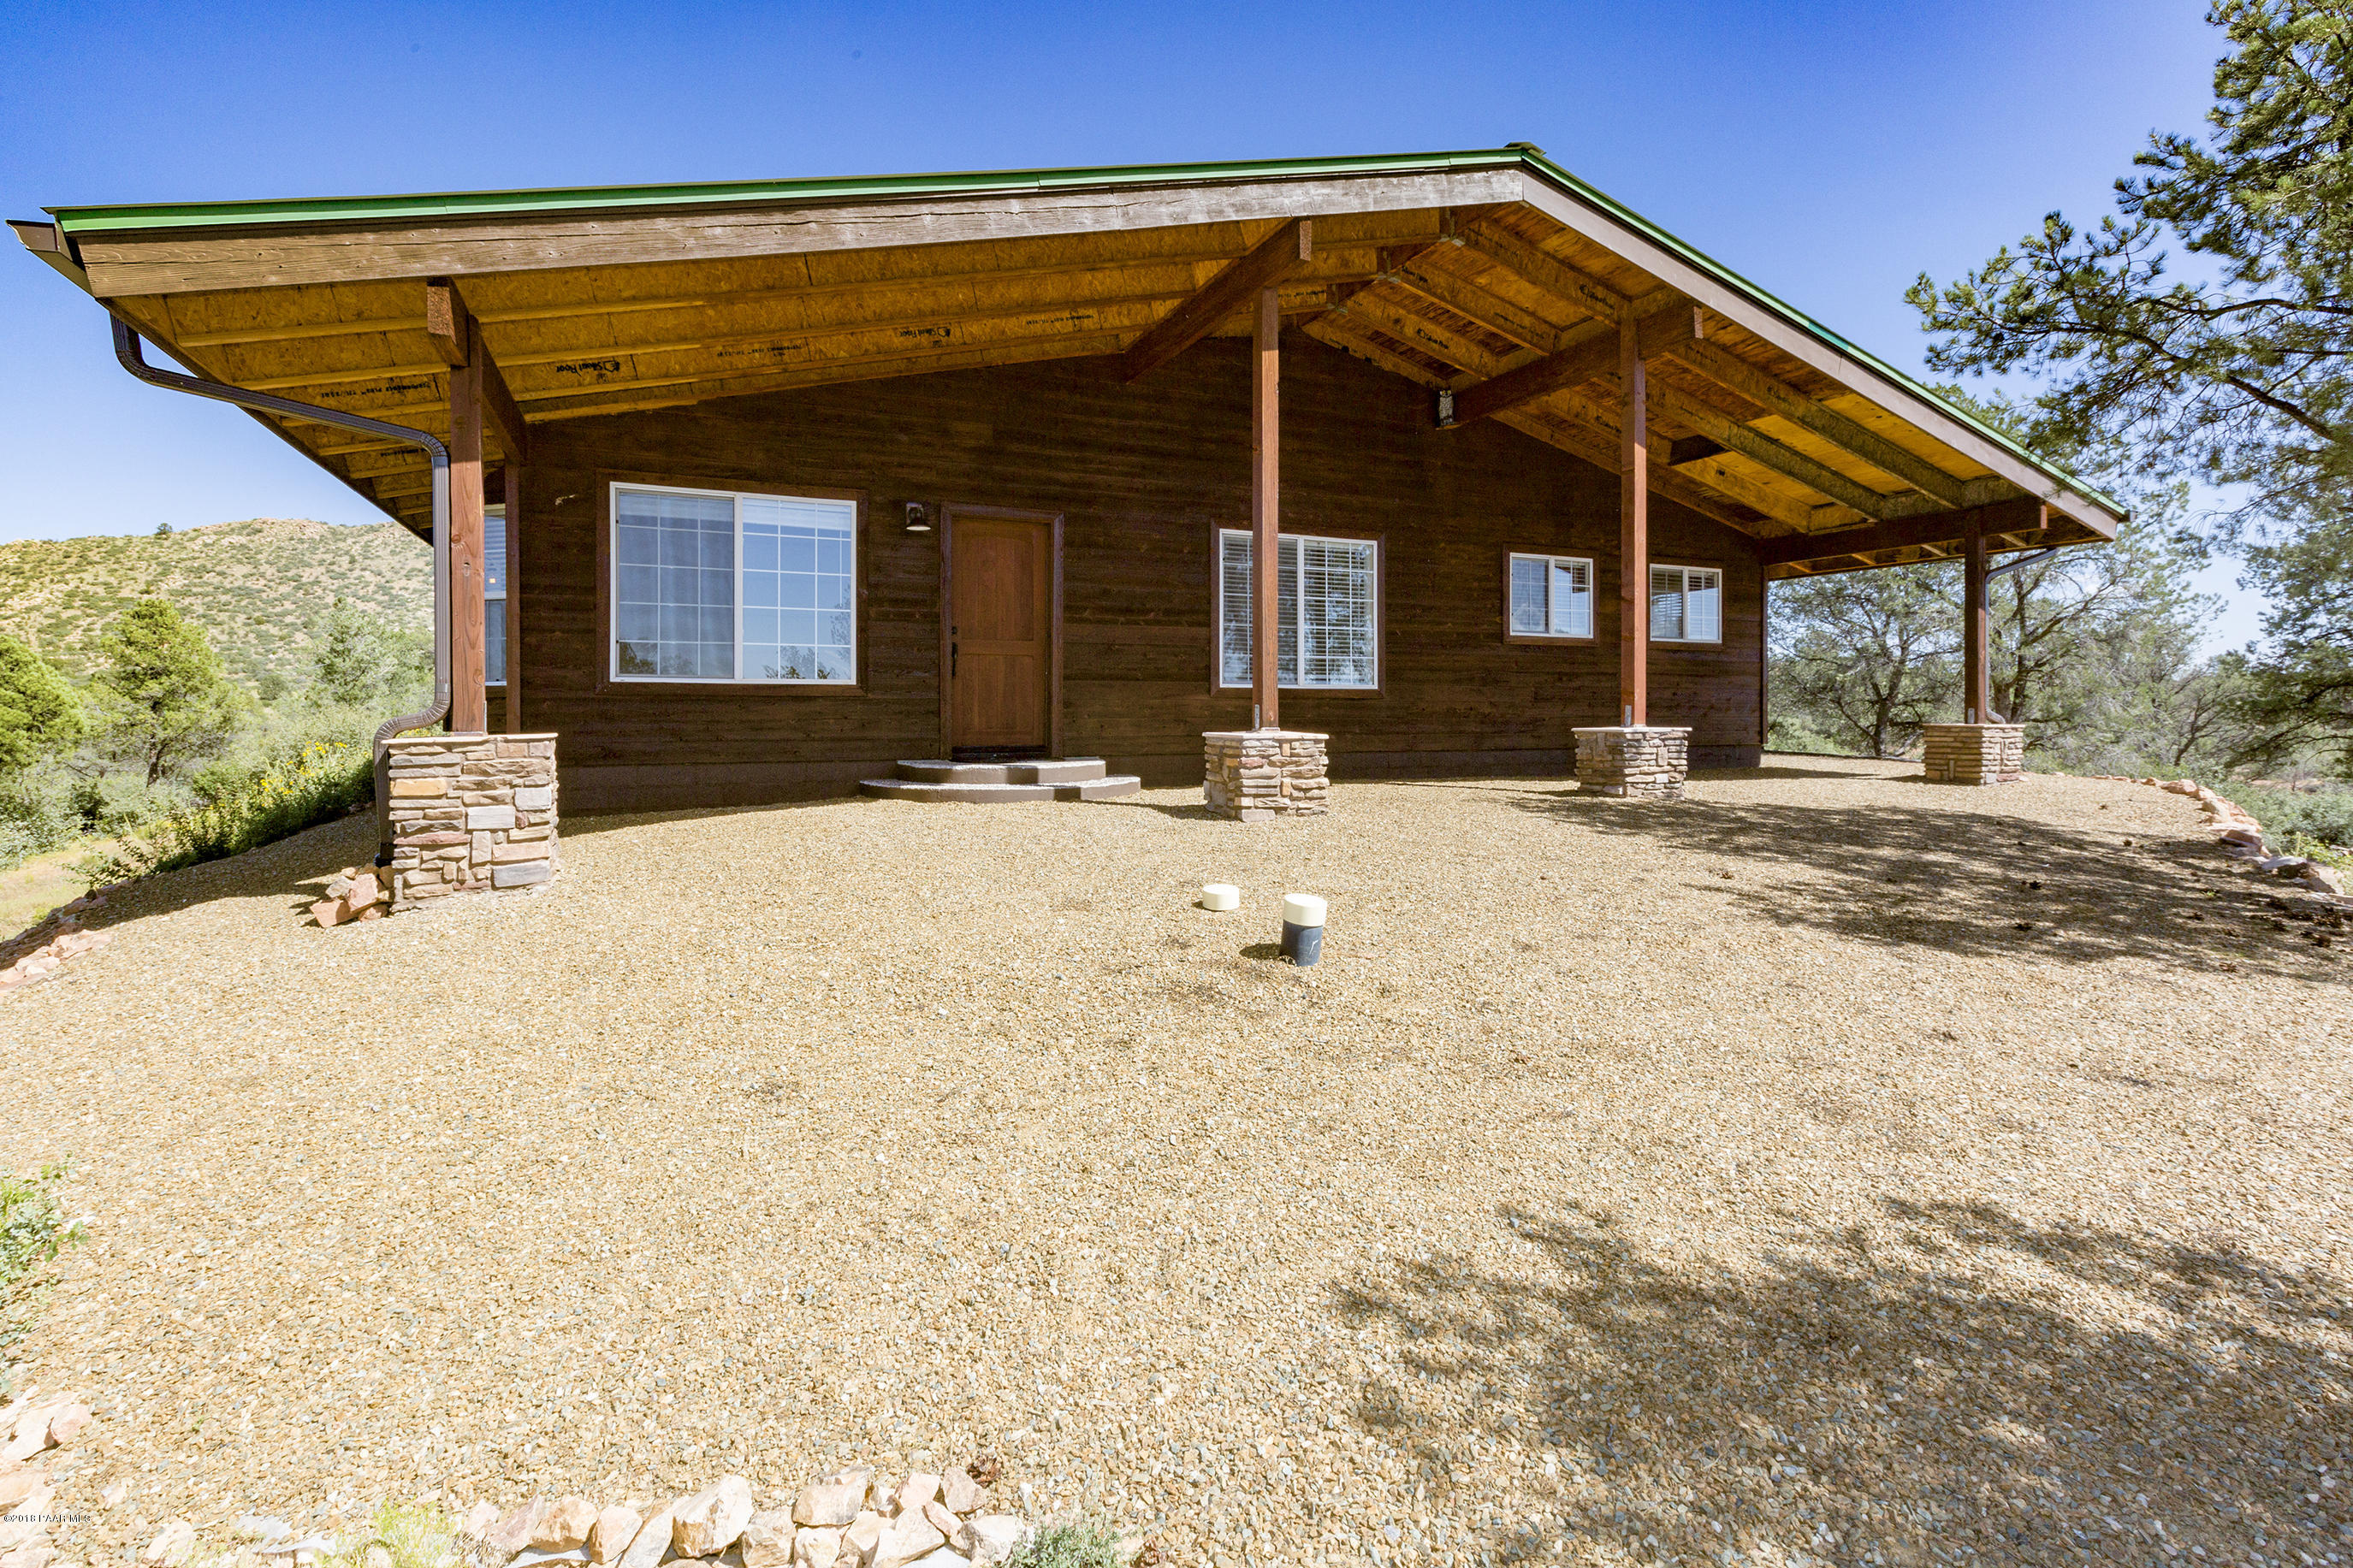 4701 Sunshine Trail Prescott, AZ 86305 - MLS #: 1015438